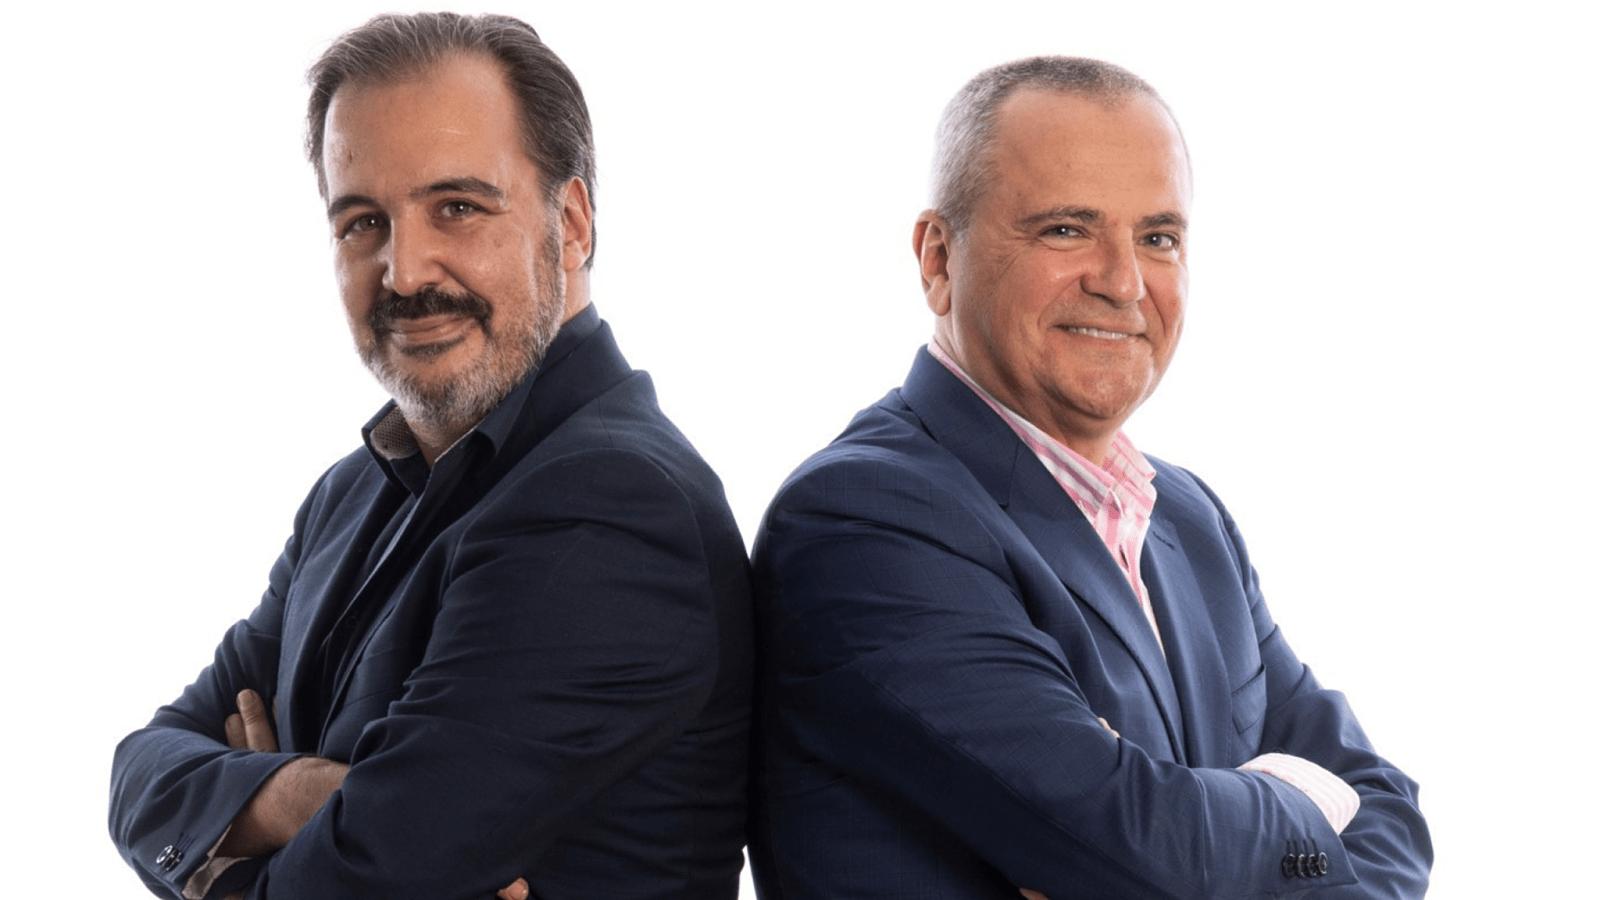 Campaña-de-Comunicacion-Humanos-en-la-Oficina-Entrevistas-con-Miguel-Angel-Pérez-y-Juanma-Romero-de-RTVE_opt.png